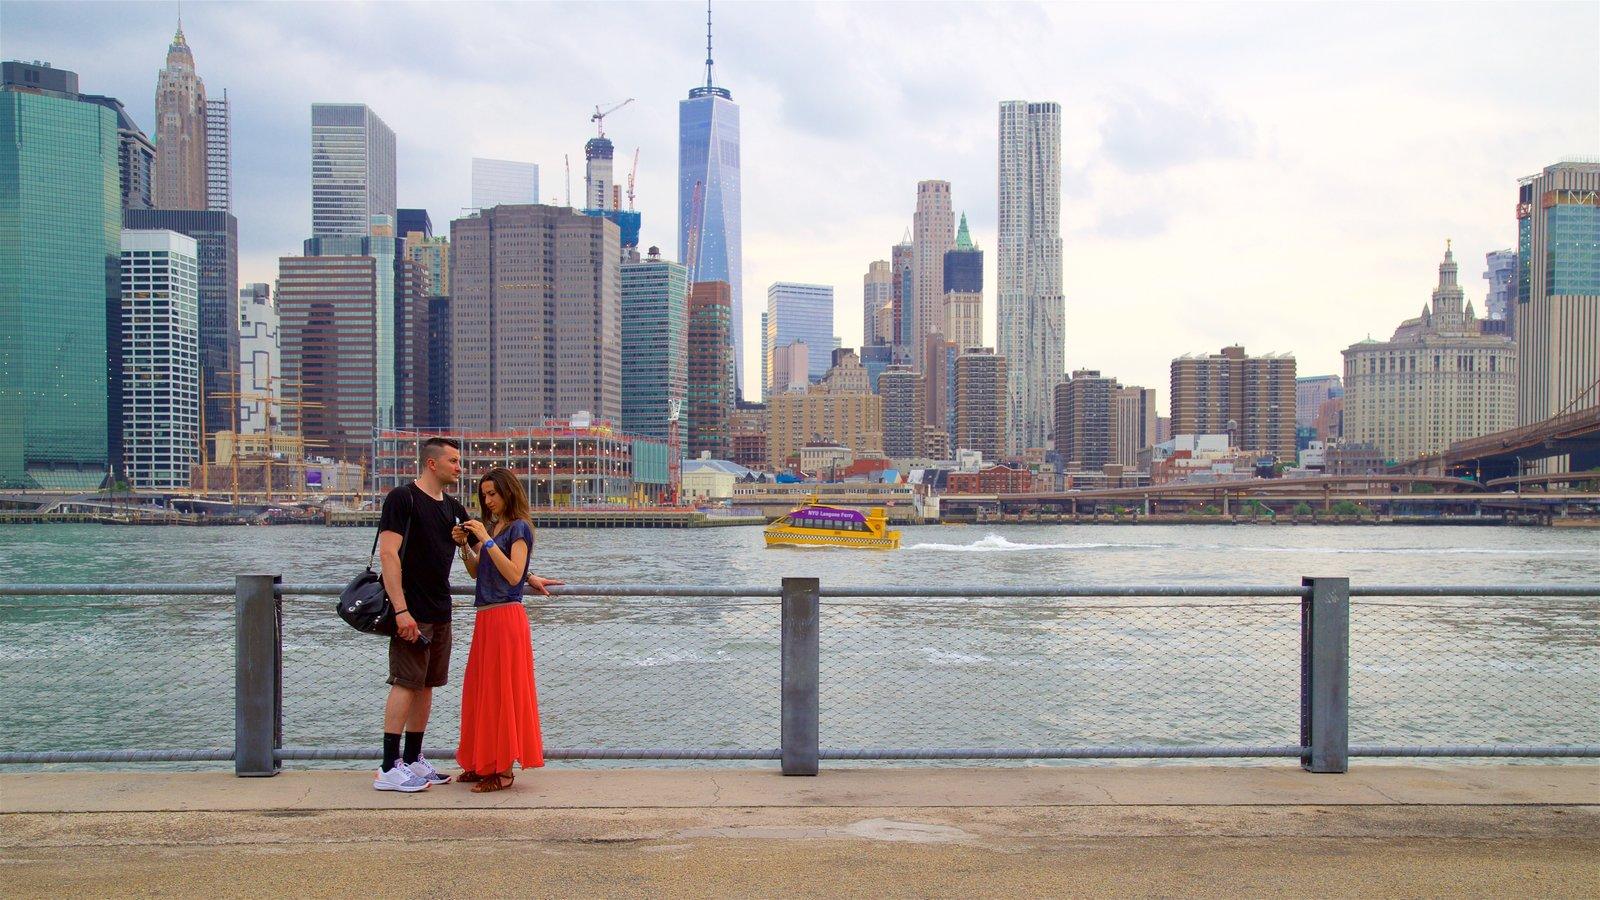 Brooklyn Heights Promenade que inclui um edifício, um rio ou córrego e uma cidade